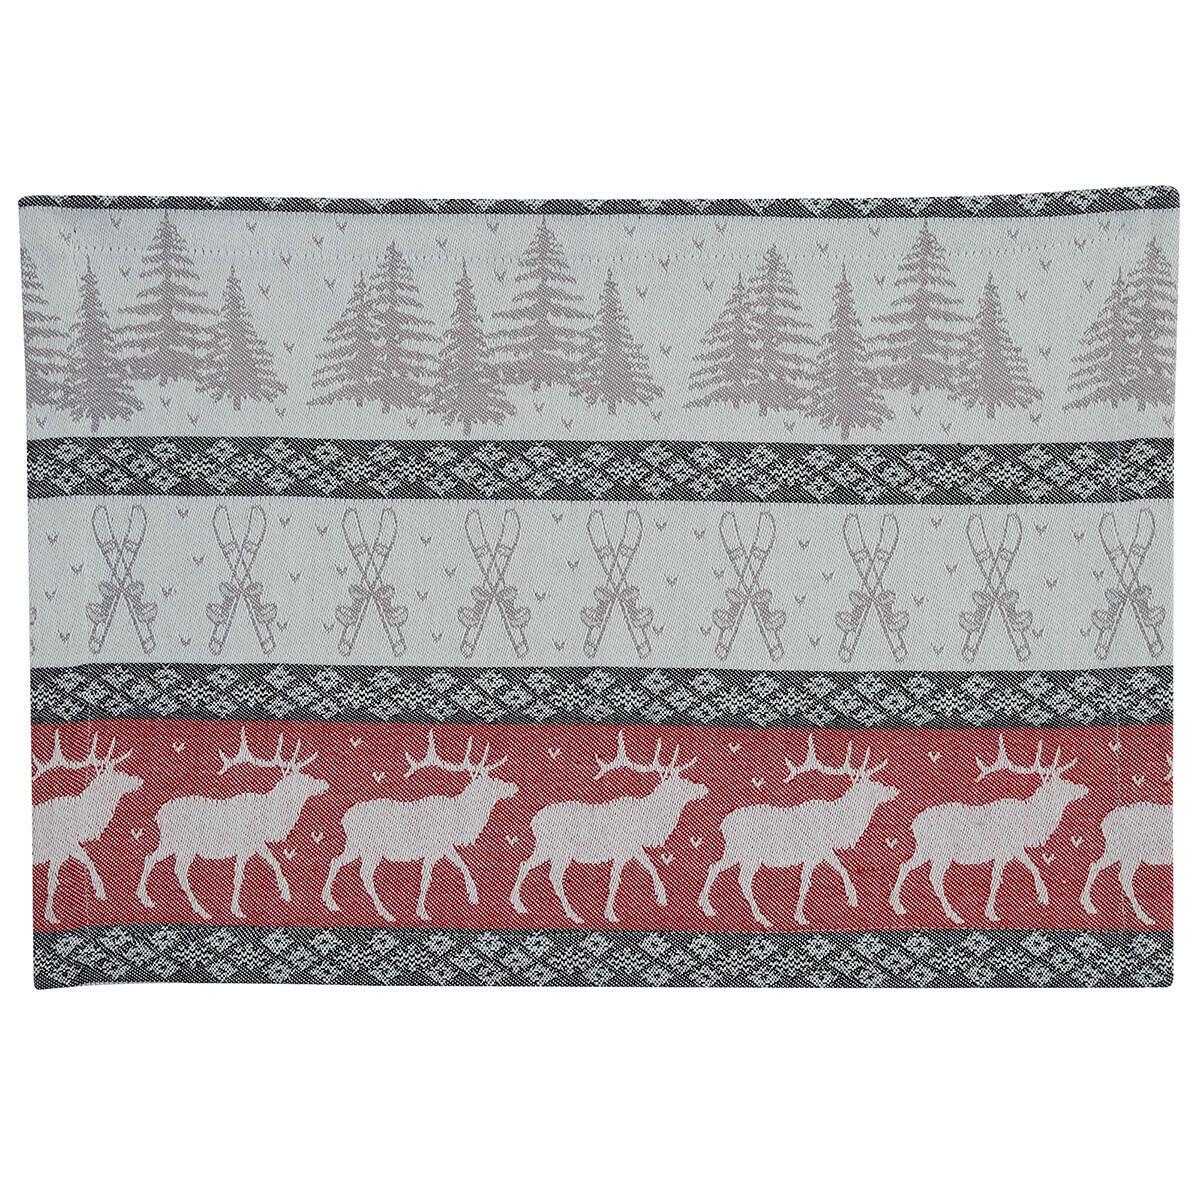 Reindeer Jacquard Placemat